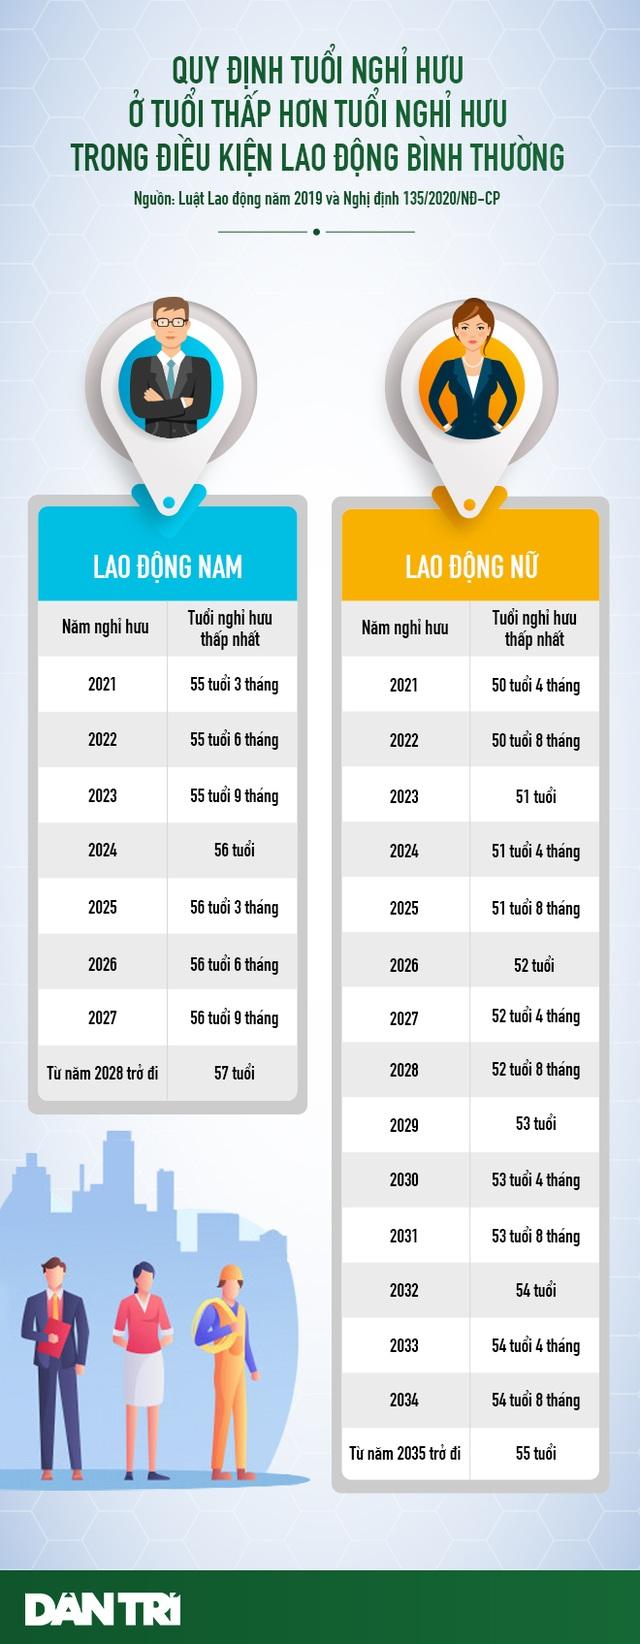 Từ năm 2021: Người lao động làm việc ở vùng nào sẽ được nghỉ hưu sớm? - 1